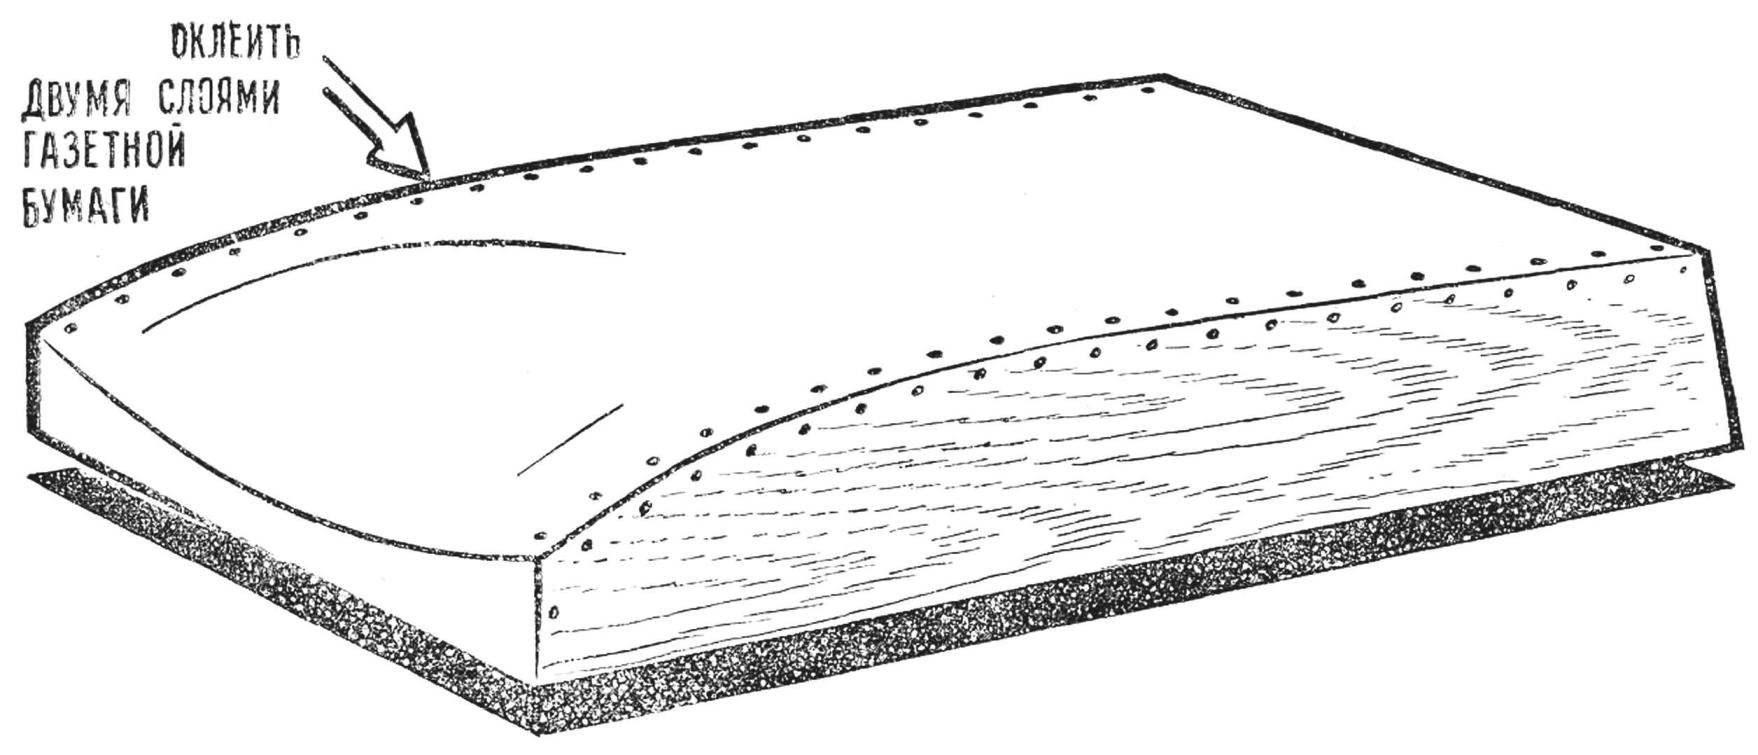 Fig. 3. The dummy for bonding hull